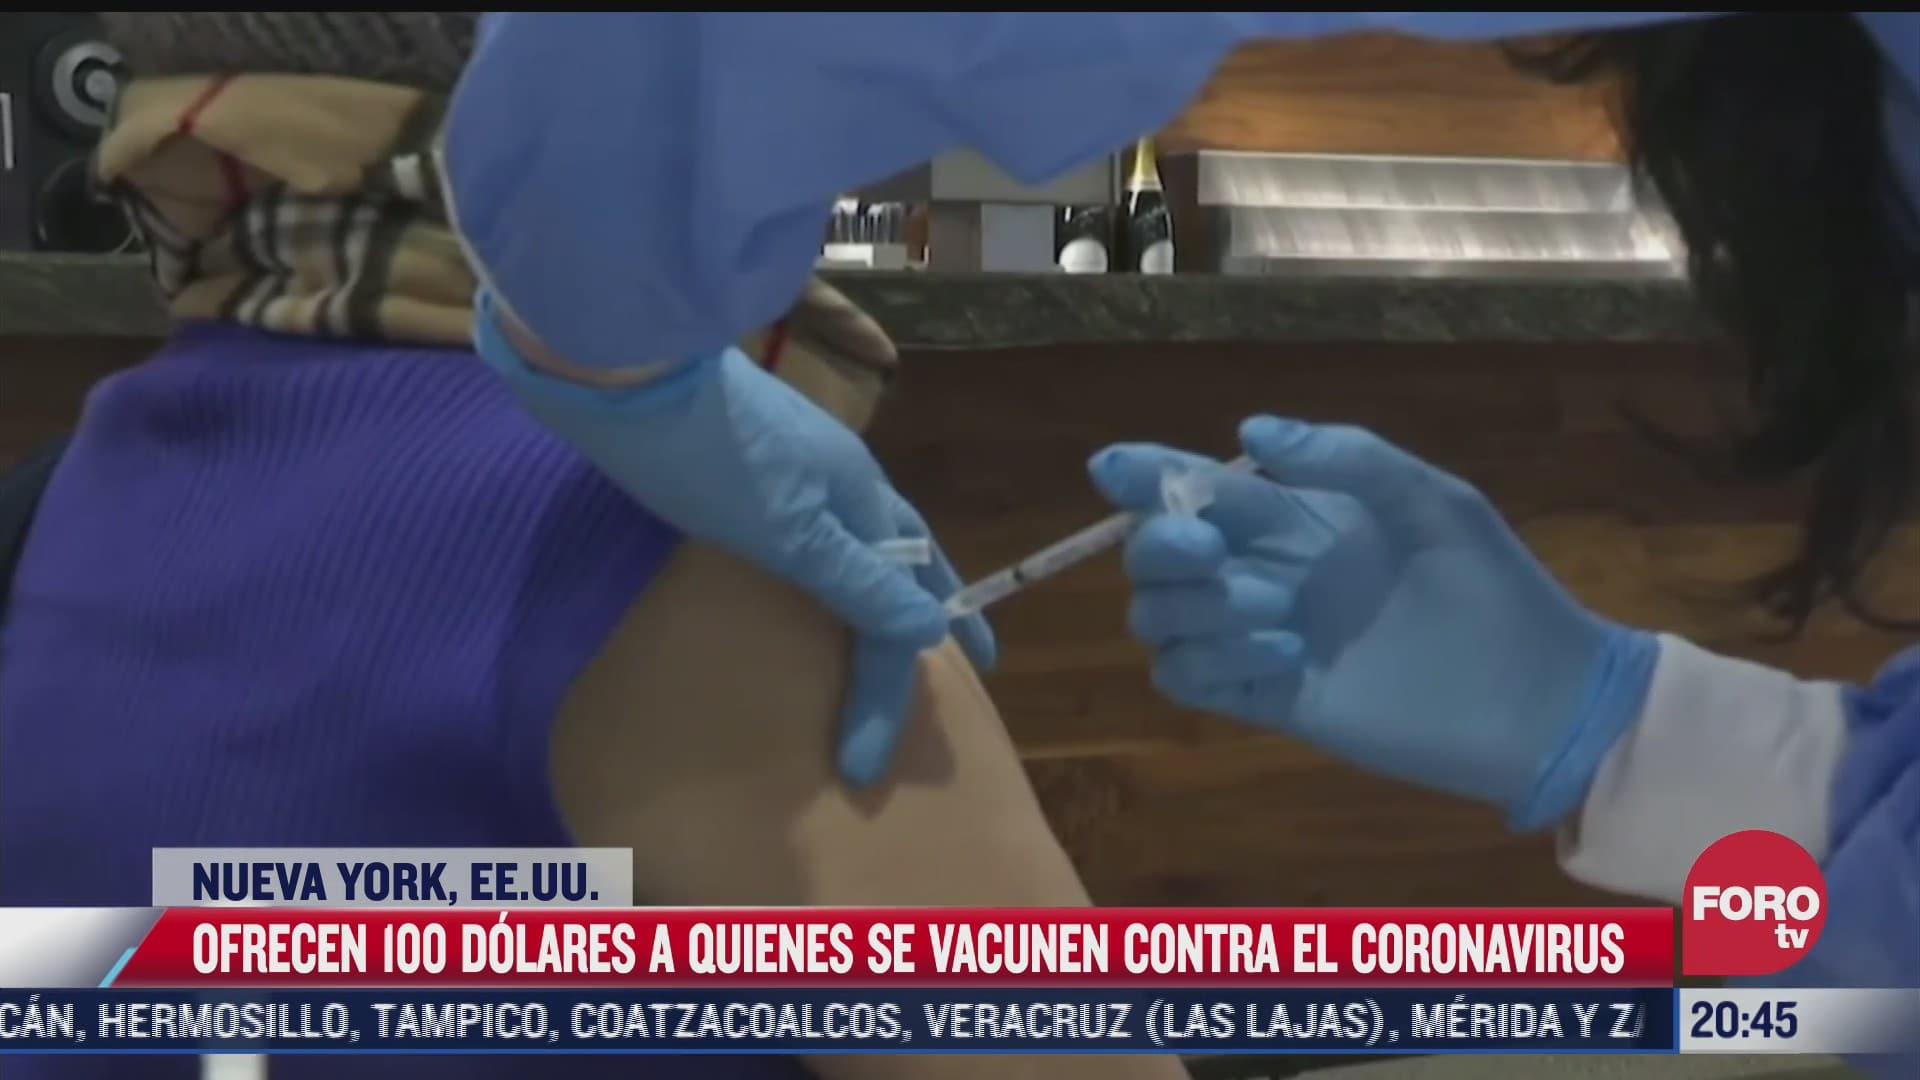 ofrecen 100 dolares a quienes se vacunen contra covid